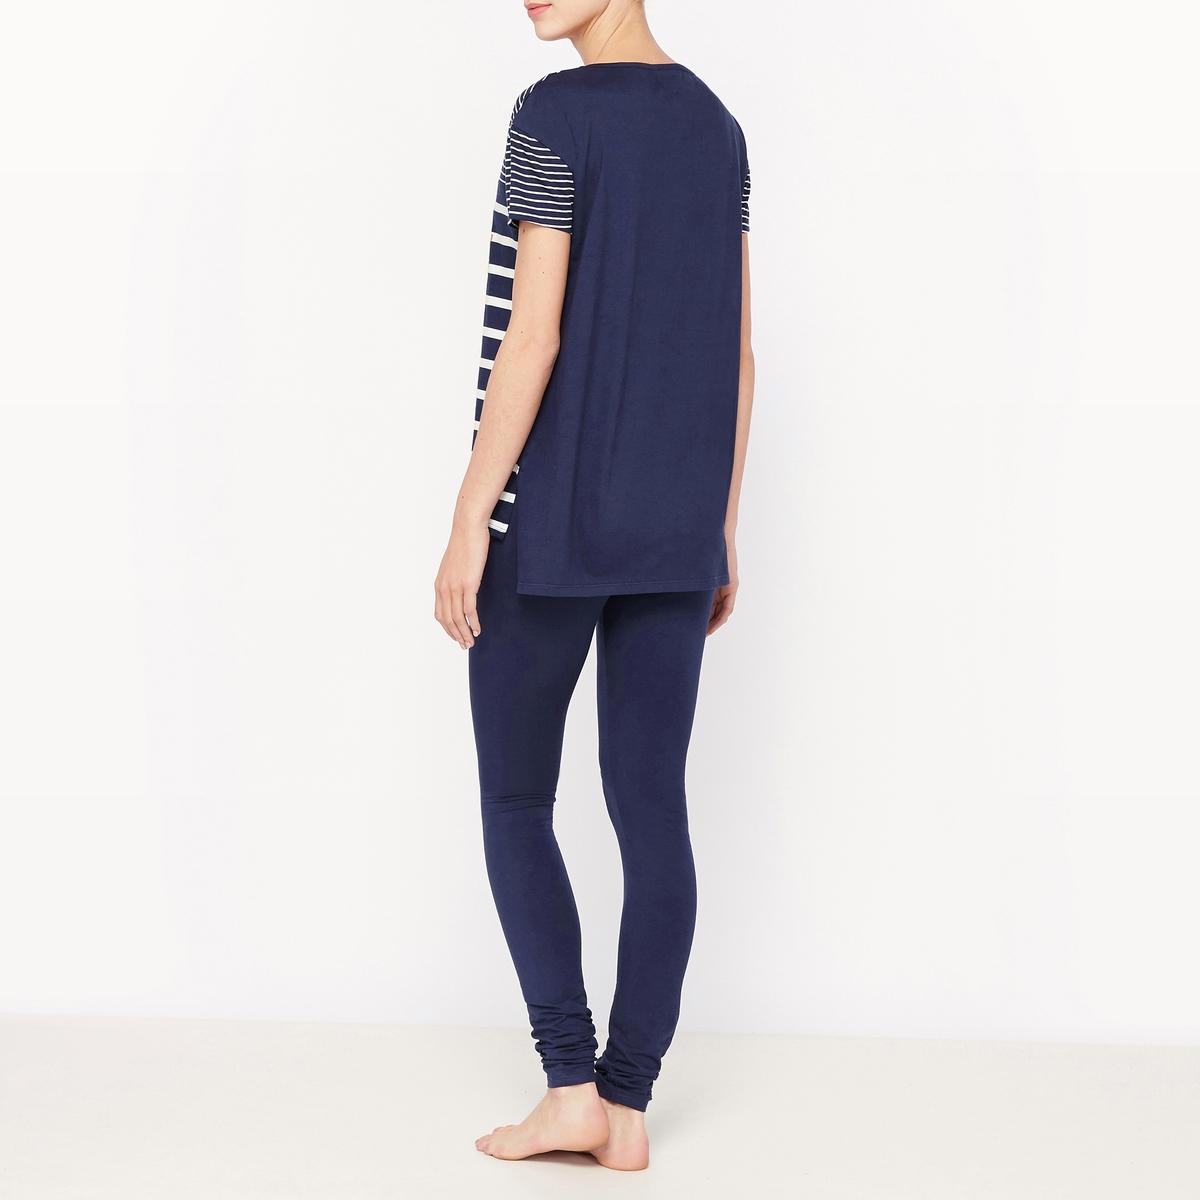 Пижама из хлопка с короткими рукавамиСостав и описание :Материал : 100% хлопокДлина : футболки 72 см.Длина по внутр.шву : 76 смУход :Машинная стирка при 40°С.Стирать с вещами схожих цветов.Гладить с изнаночной стороны.<br><br>Цвет: синий + в полоску темно-синий/белый